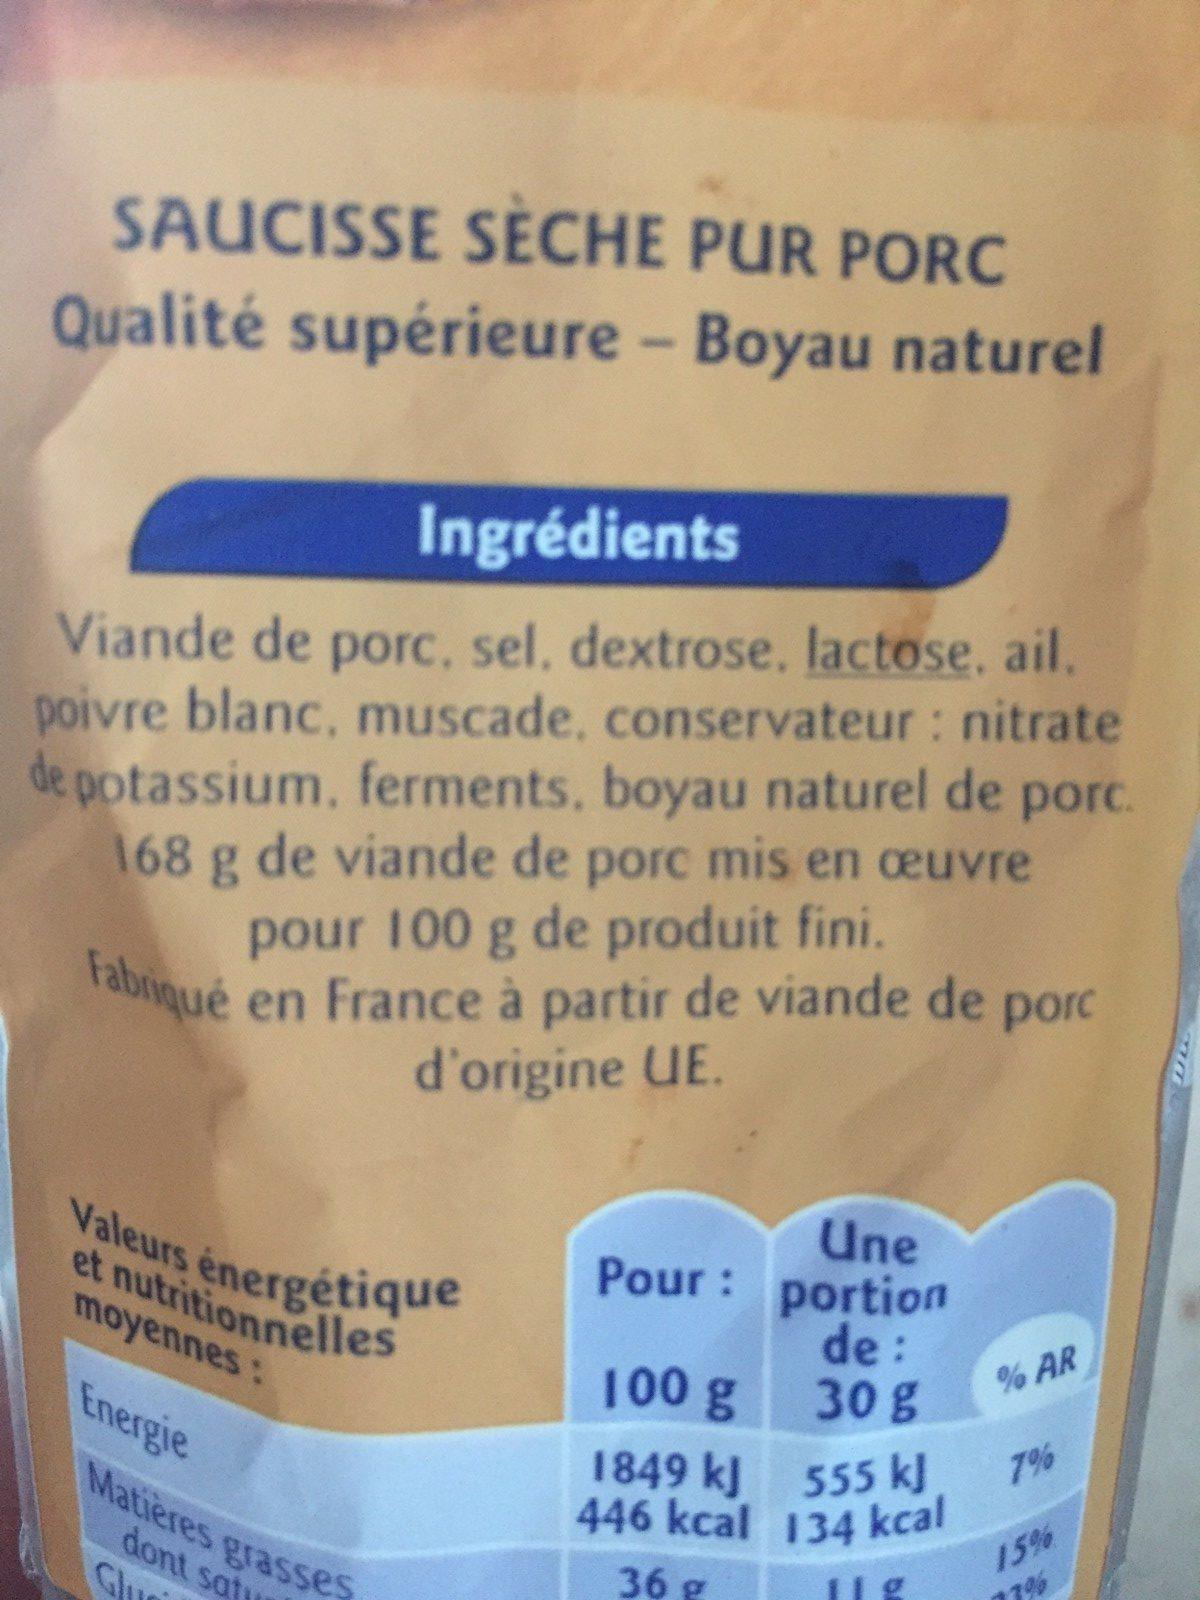 Saucisse Seche Droite pur porc - Ingrédients